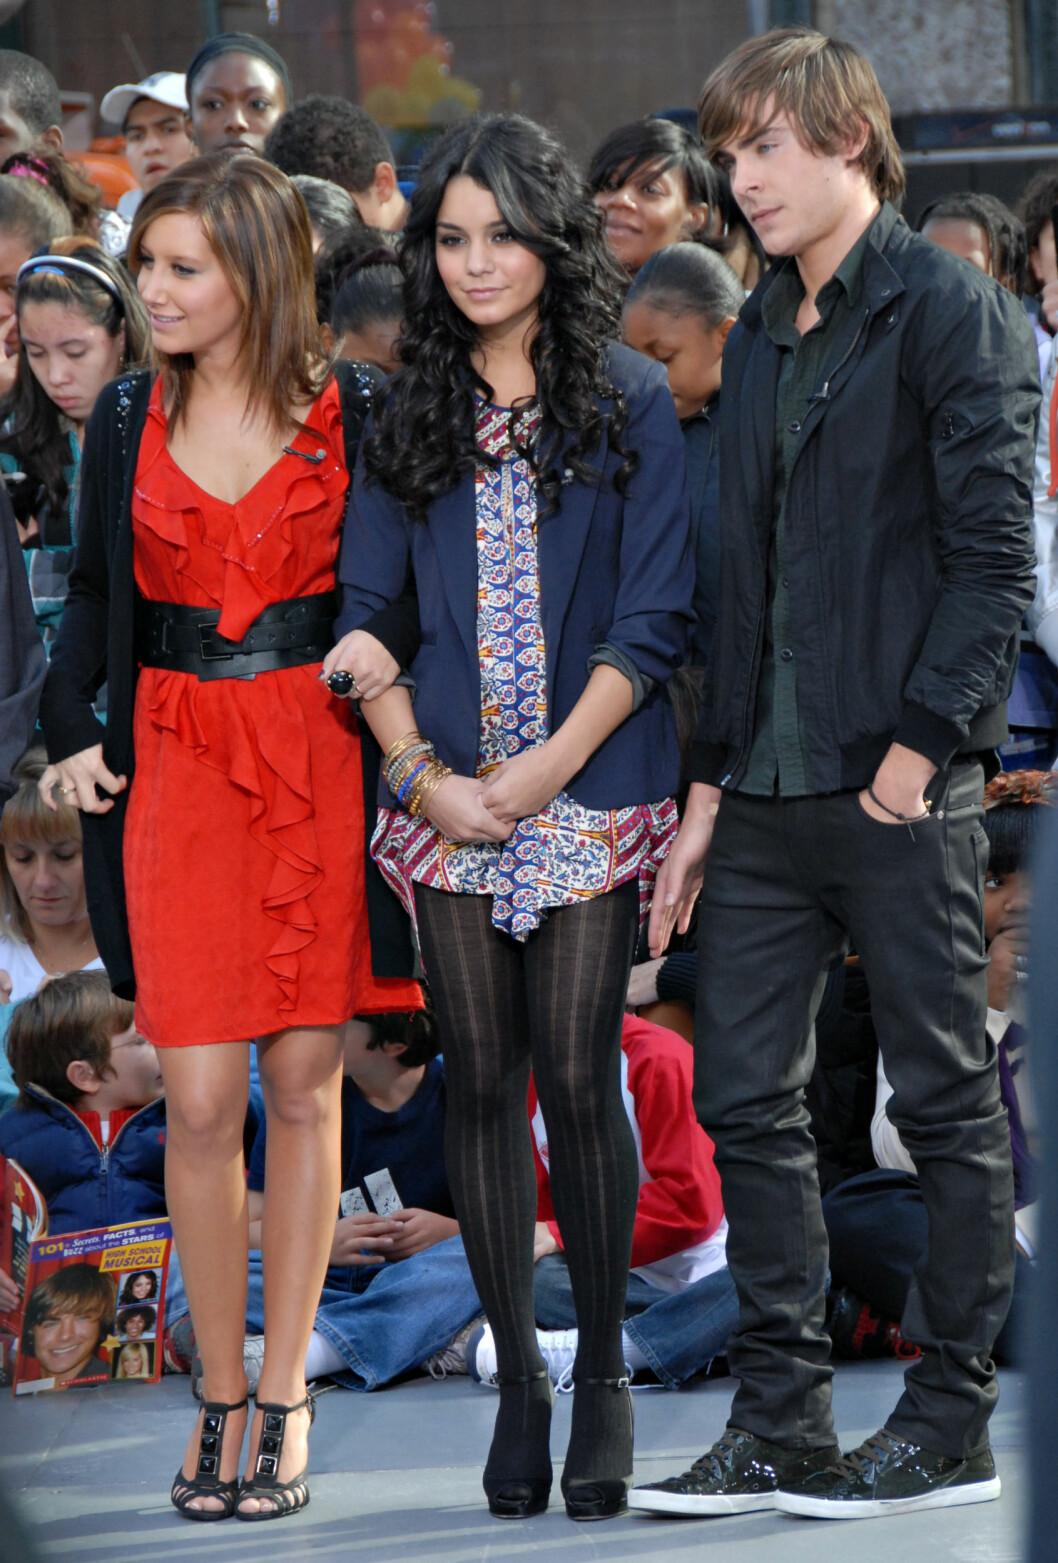 FILMSTJERNE: Zac Efron sammen med sine kolleger Ashley Tisdale og Vanessa Hudgens før premieren på «High School Musical III» i 2008. Foto: Fame Flynet